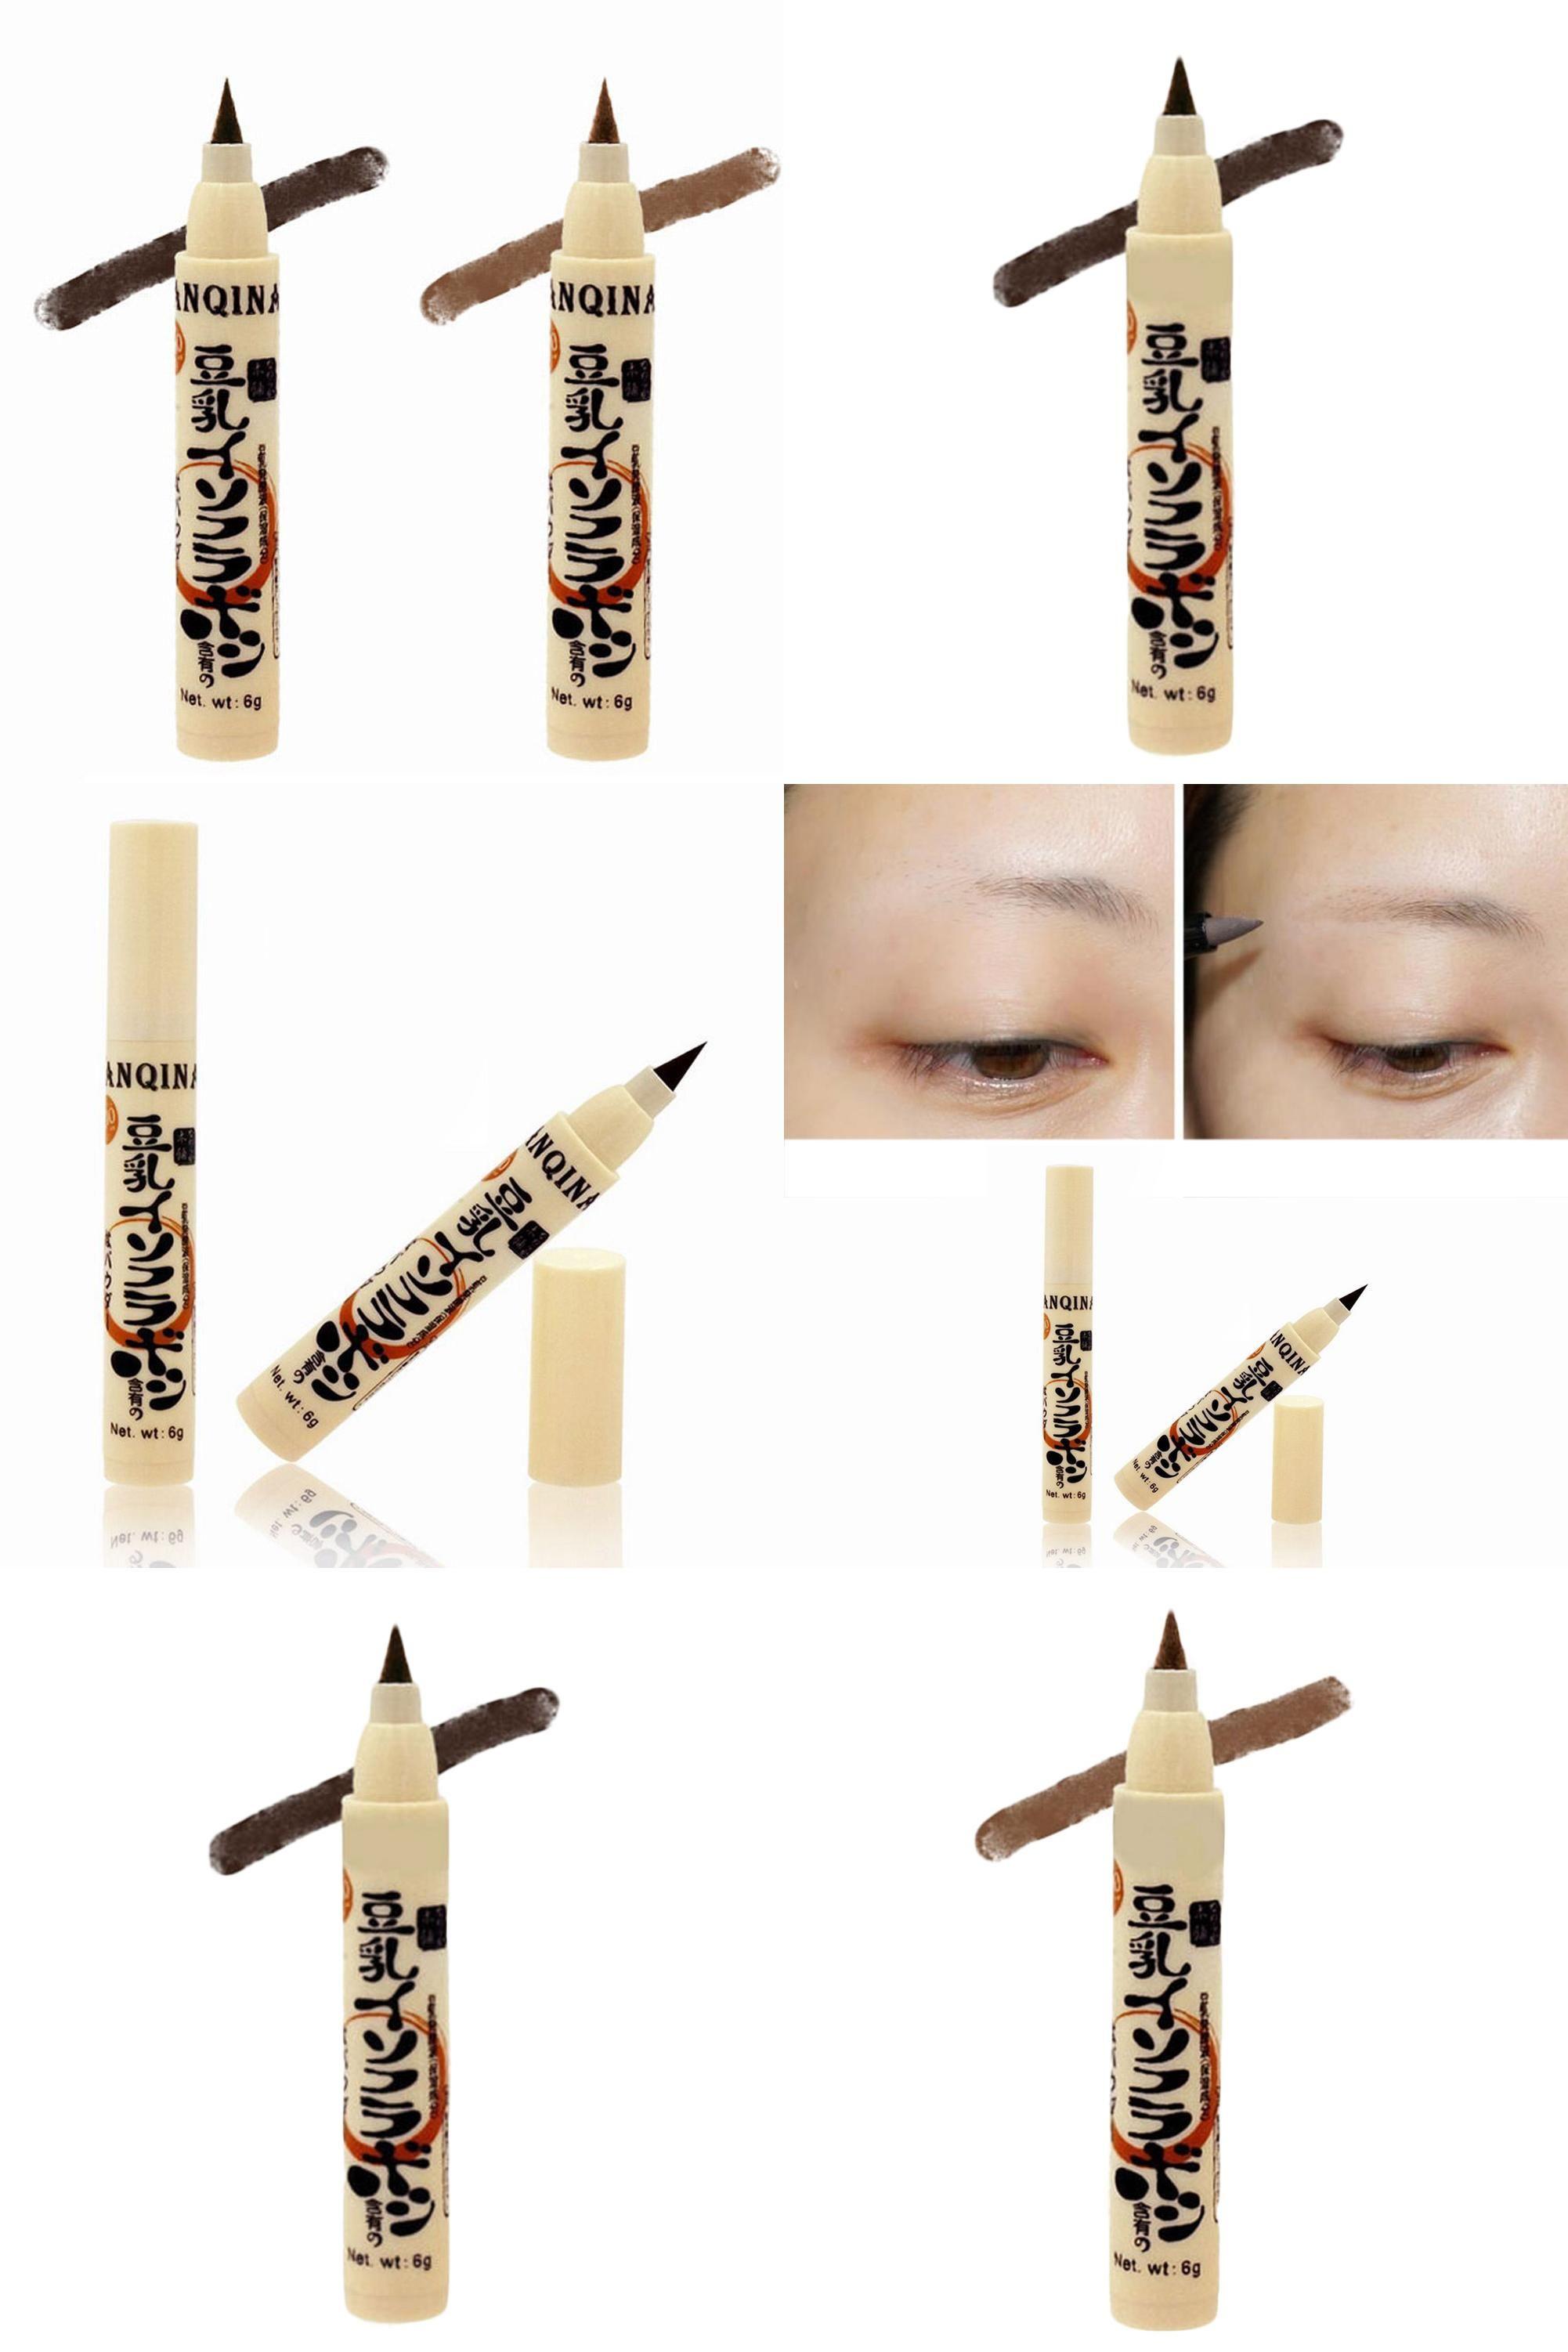 [Visit to Buy] New Liquid Eyeliner Waterproof Black